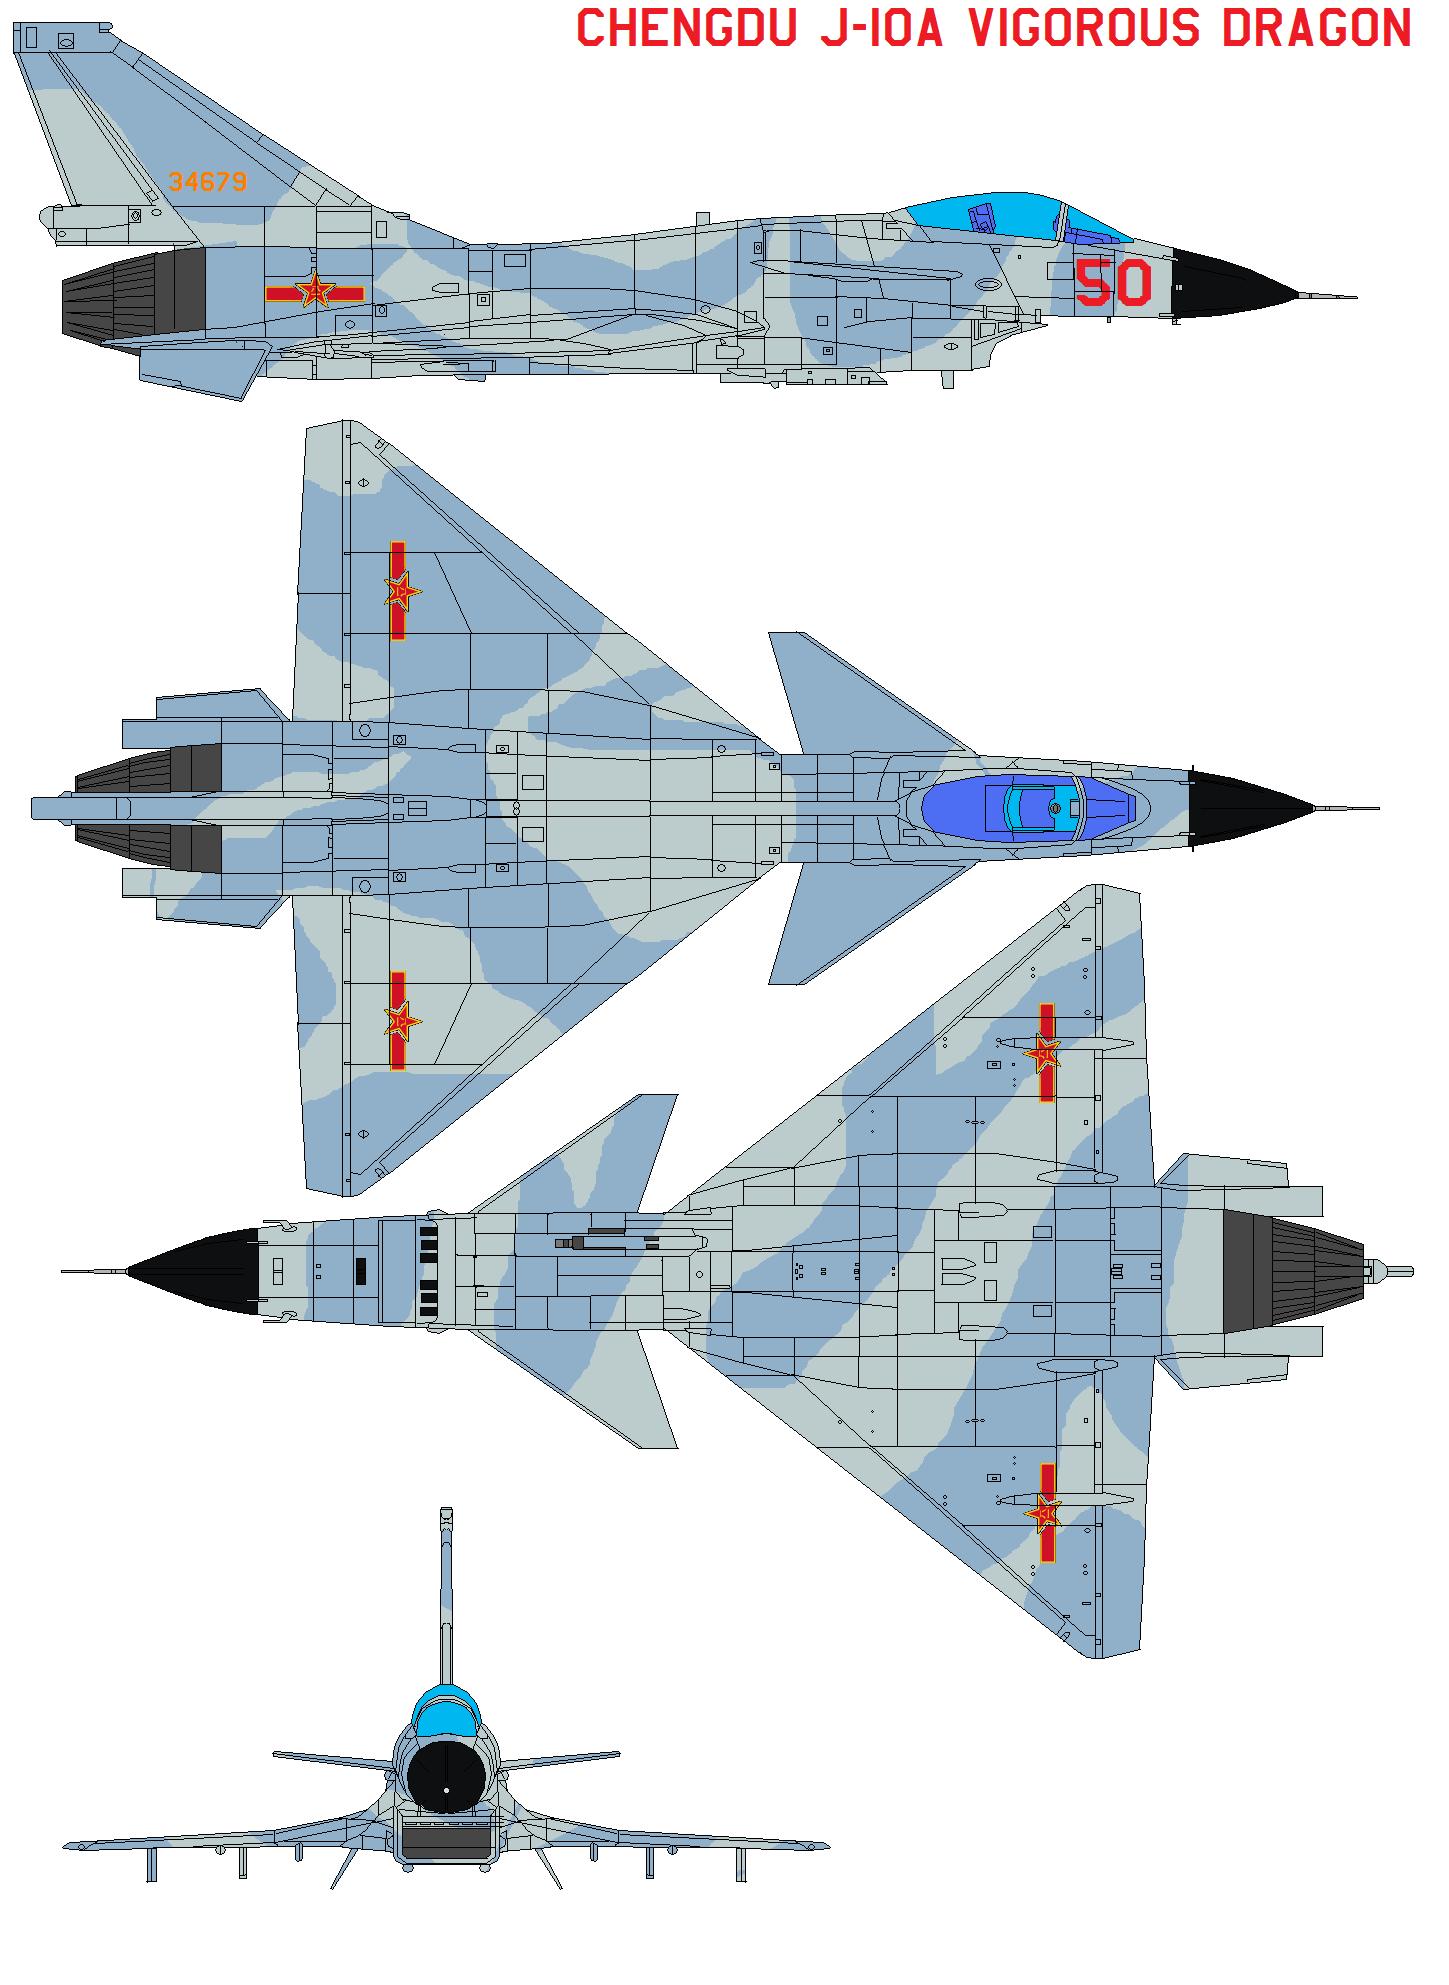 حصرياً للمنتدى-دراسة شاملة عن الرائعة الـصينية J-10 .......... - صفحة 5 Chengdu_J_10A_Vigorous_Dragon_by_bagera3005